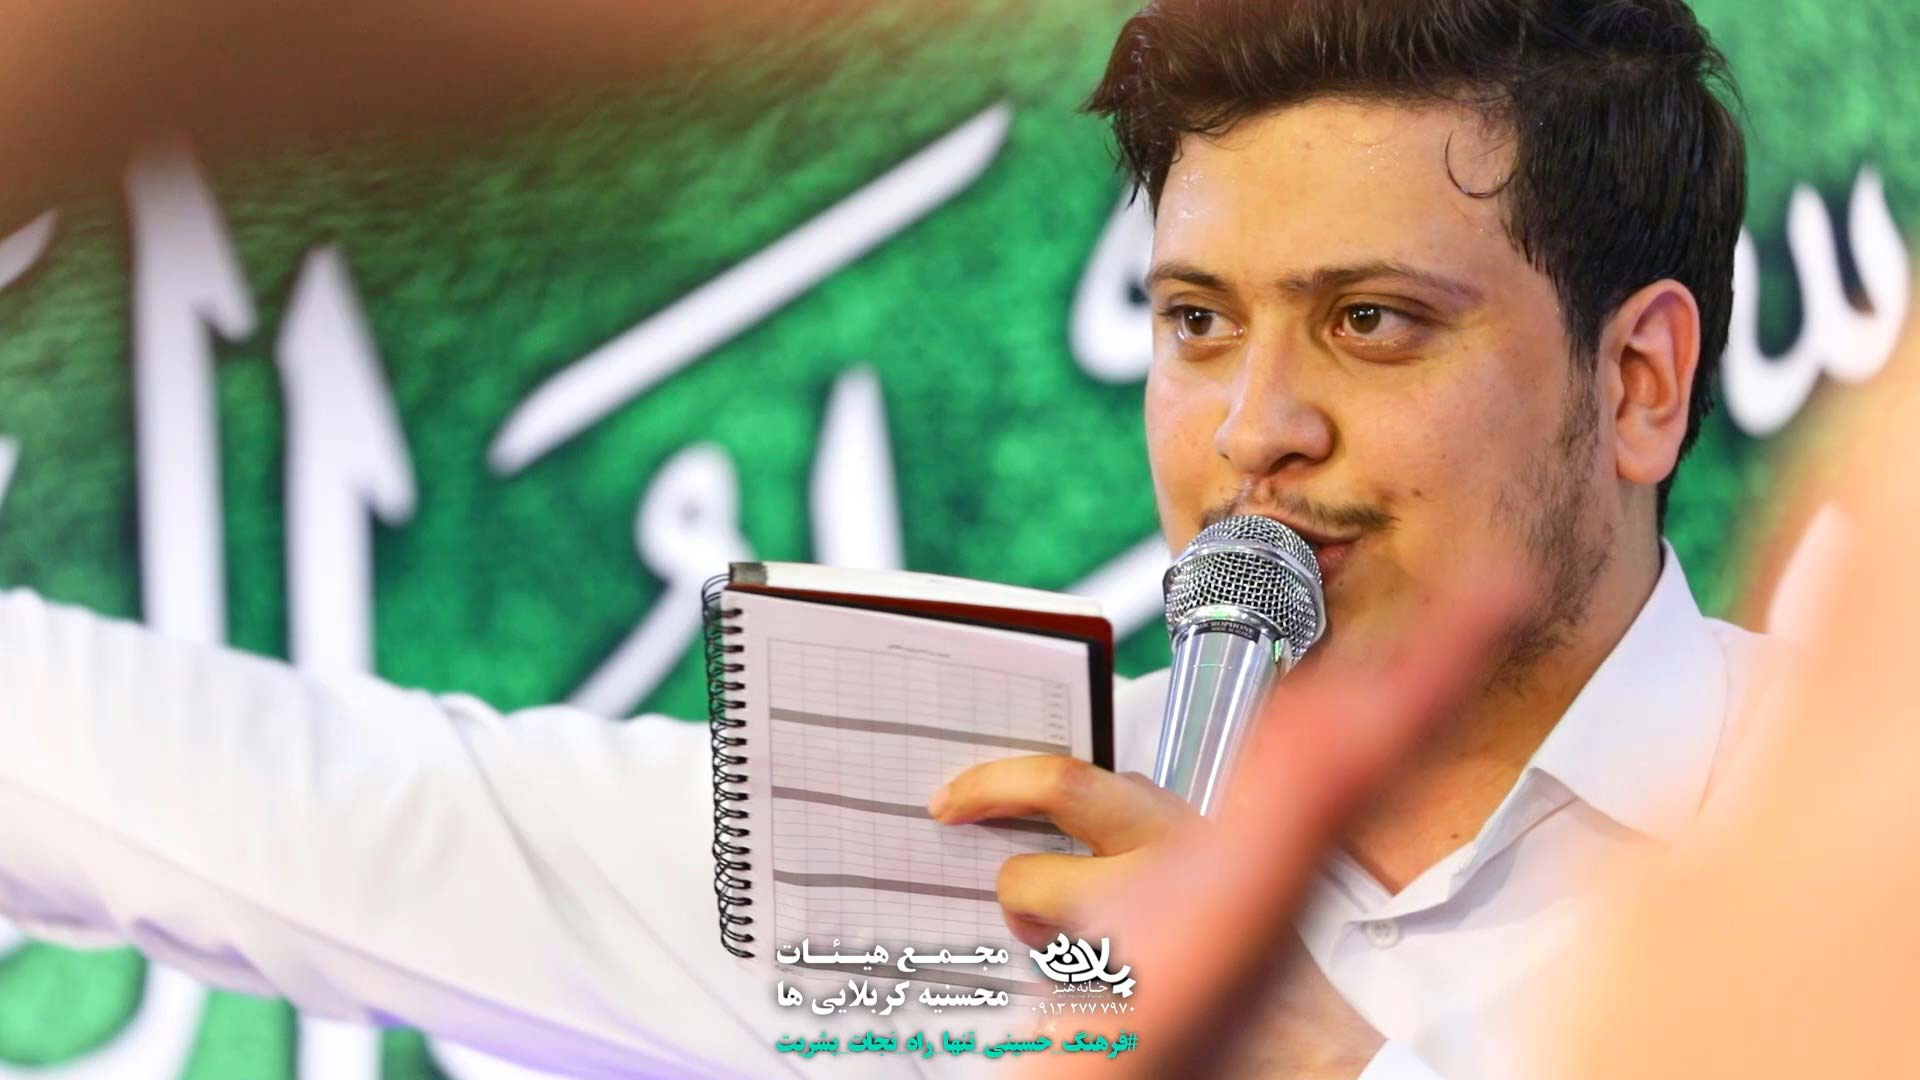 ذکر فوق جادو محمد رضا ناصری